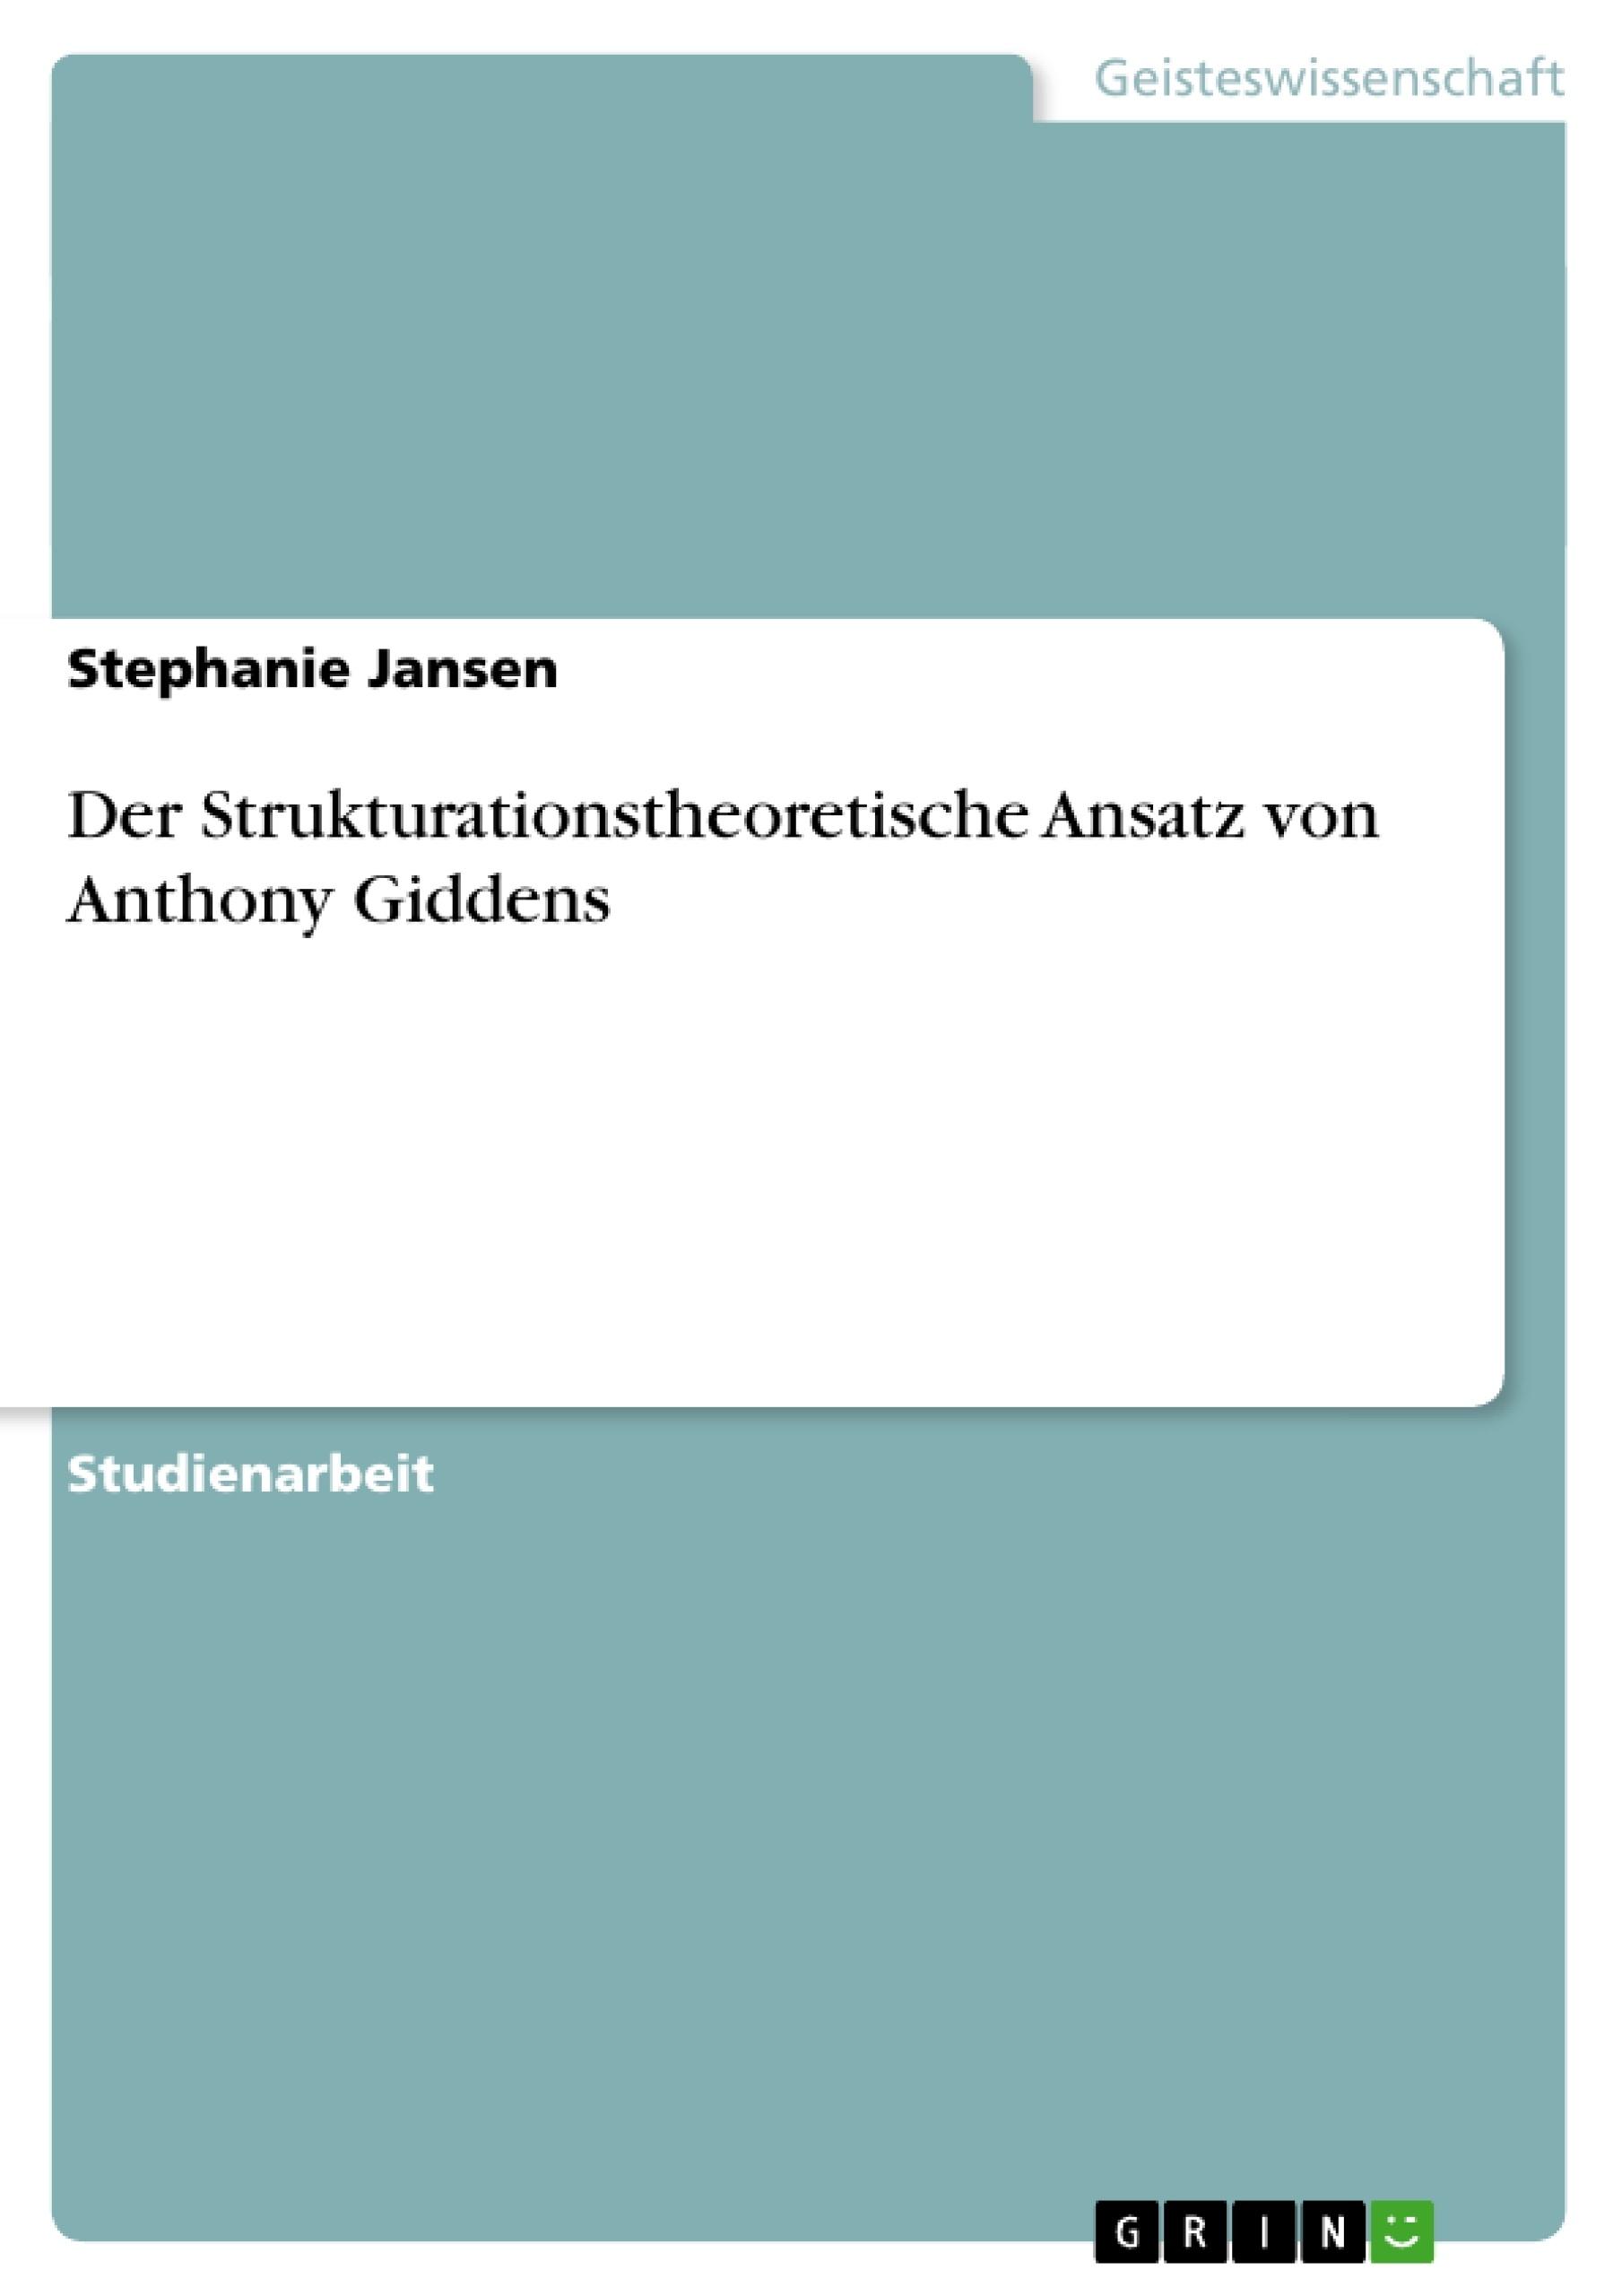 Titel: Der Strukturationstheoretische Ansatz von Anthony Giddens